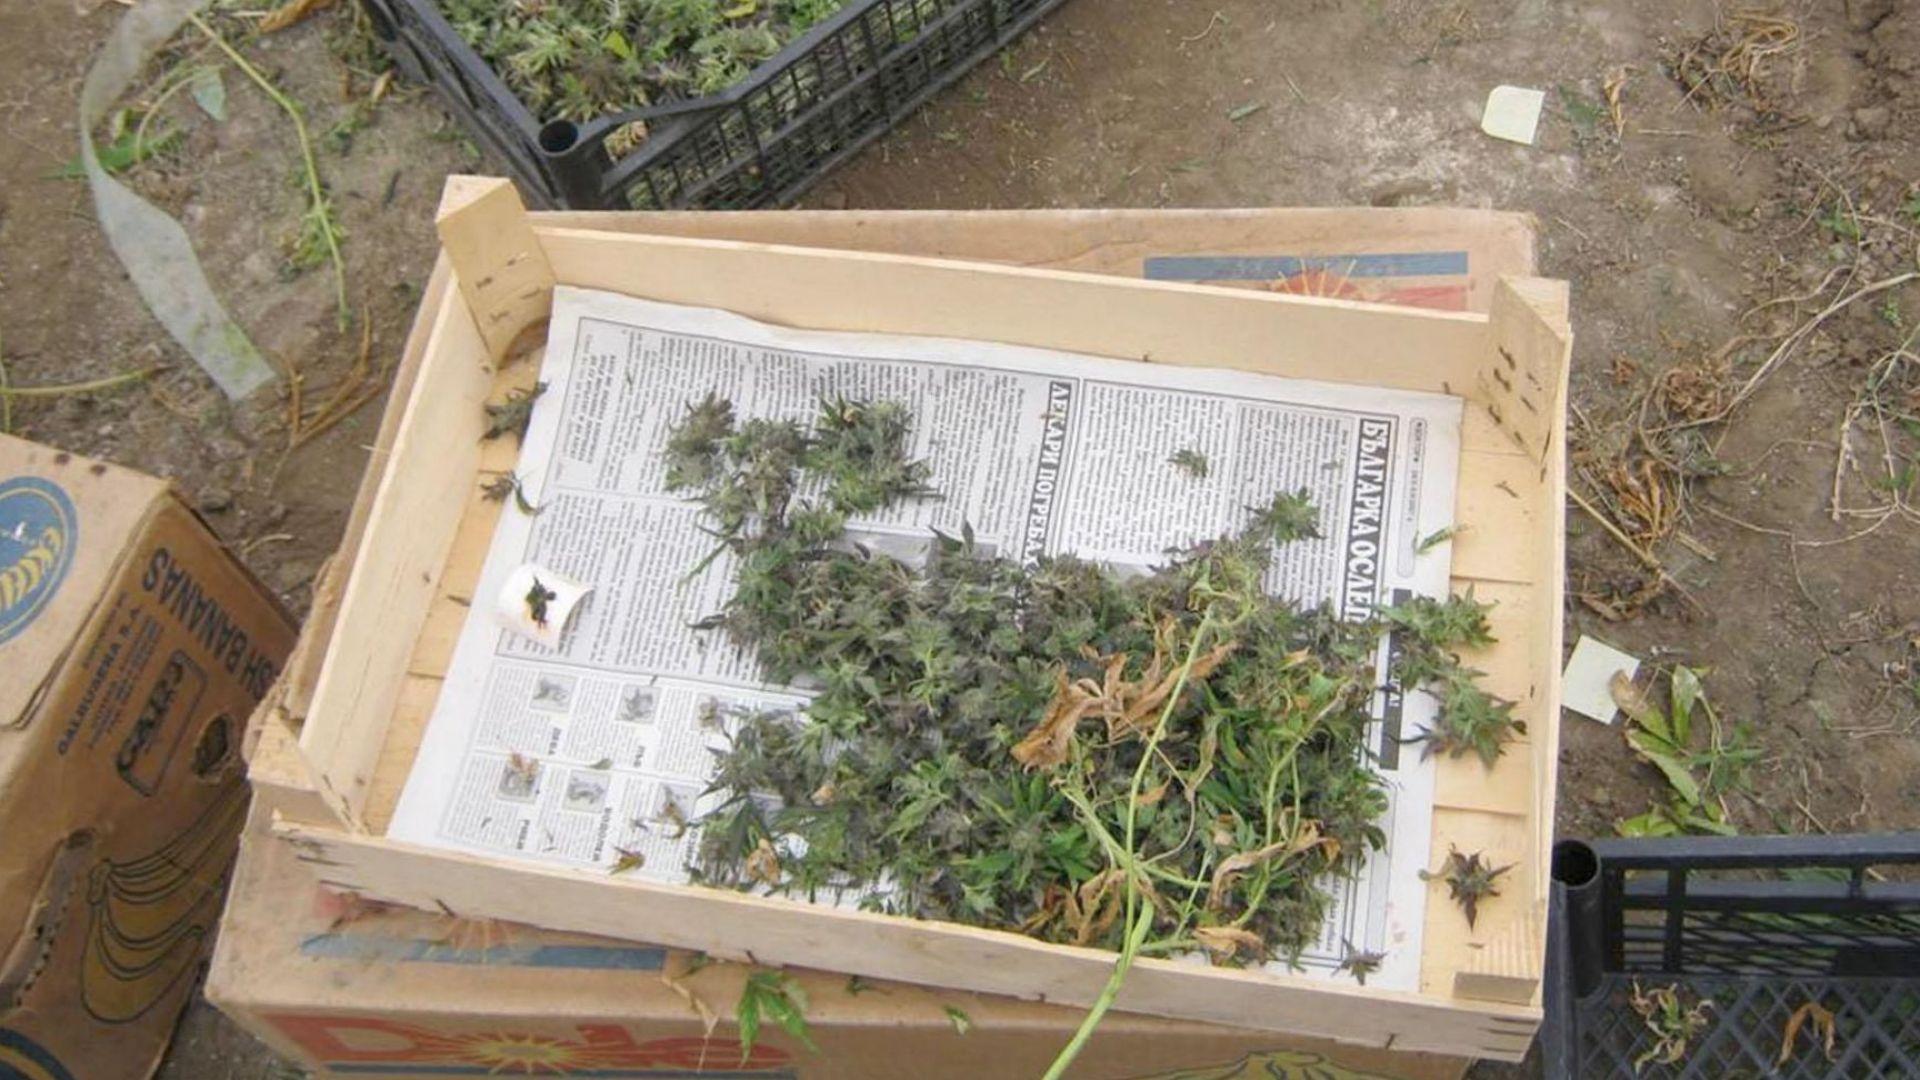 Близо 30 кг канабис иззеха полицаите от имот в село Страхилово